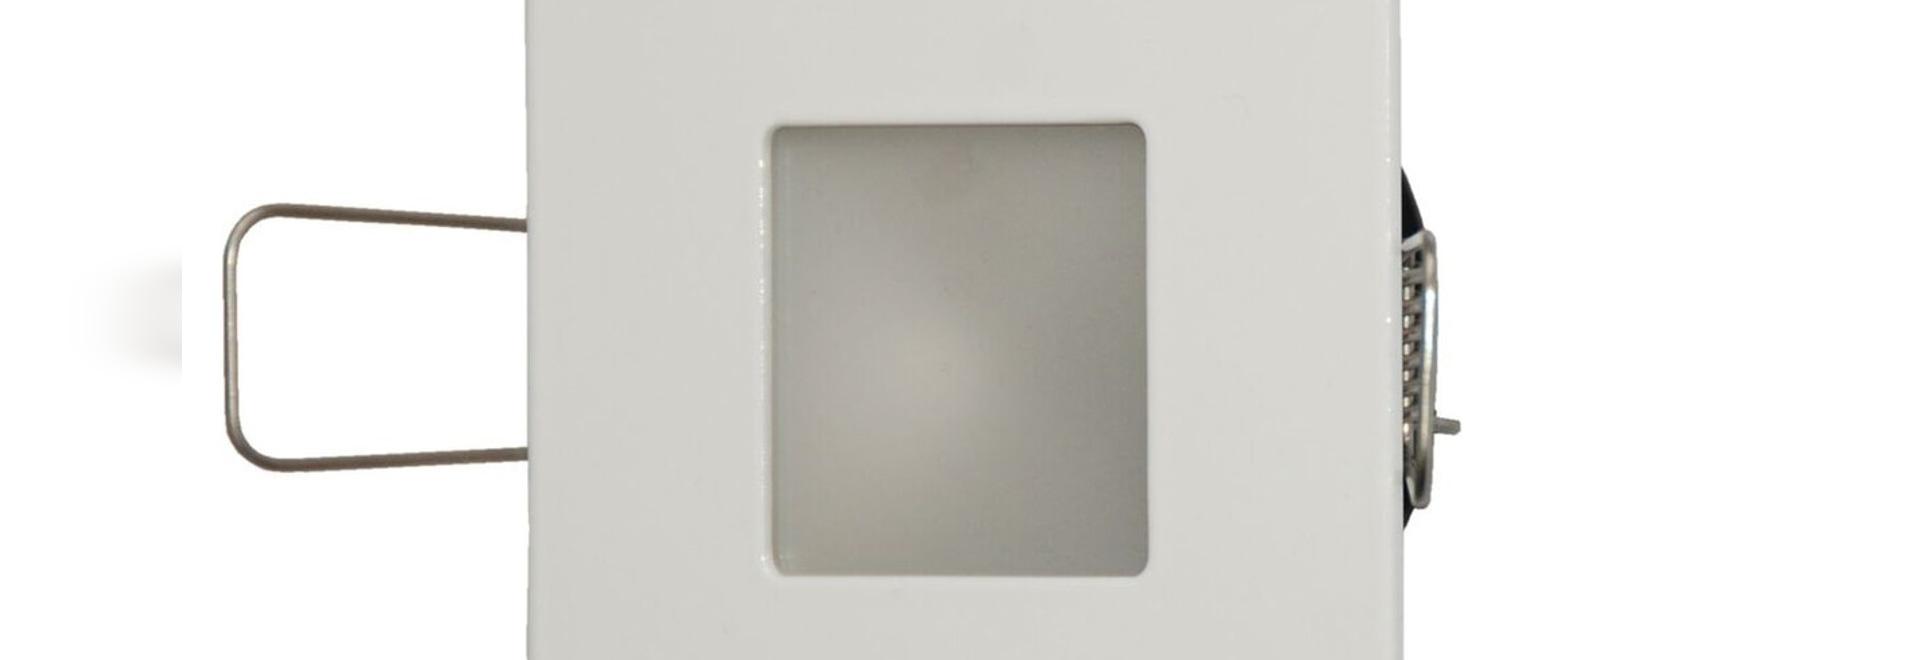 Las luces LED Interiores y exteriores empotrables INTENSA